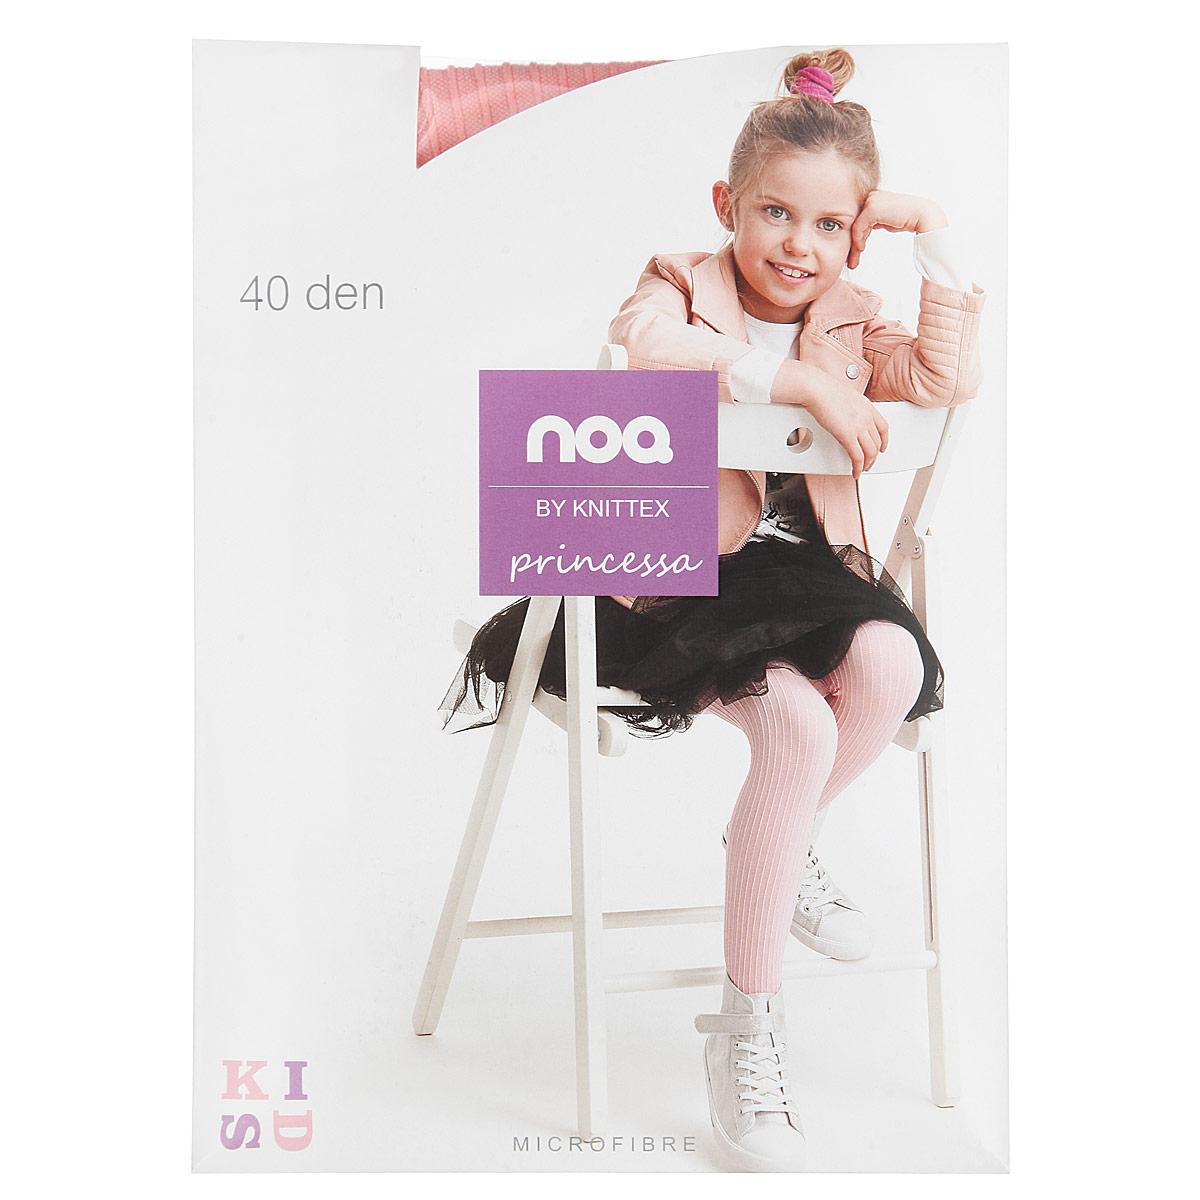 Колготки для девочки Noo PrincessaRDZPRINCESSA_1Стильные детские колготки Knittex Noo Princessa изготовлены специально для девочек. Приятные на ощупь колготки средней плотности оформлены рельефным узором в виде мелкого рубчика. Прочные и удобные, эти колготки равномерно облегают ножки, не сдавливая и не доставляя дискомфорта. Эластичные швы и мягкая резинка на поясе не позволят колготам сползать и при этом не будут стеснять движений. Входящие в состав ткани полиамид и эластан предотвращают растяжение и деформацию после стирки. Красивые и прочные колготки подойдут к любым нарядам маленькой модницы. Классические колготки - это идеальное решение на каждый день для прогулки, школы, яслей или садика. Такие колготки станут великолепным дополнением к гардеробу вашей красавицы.